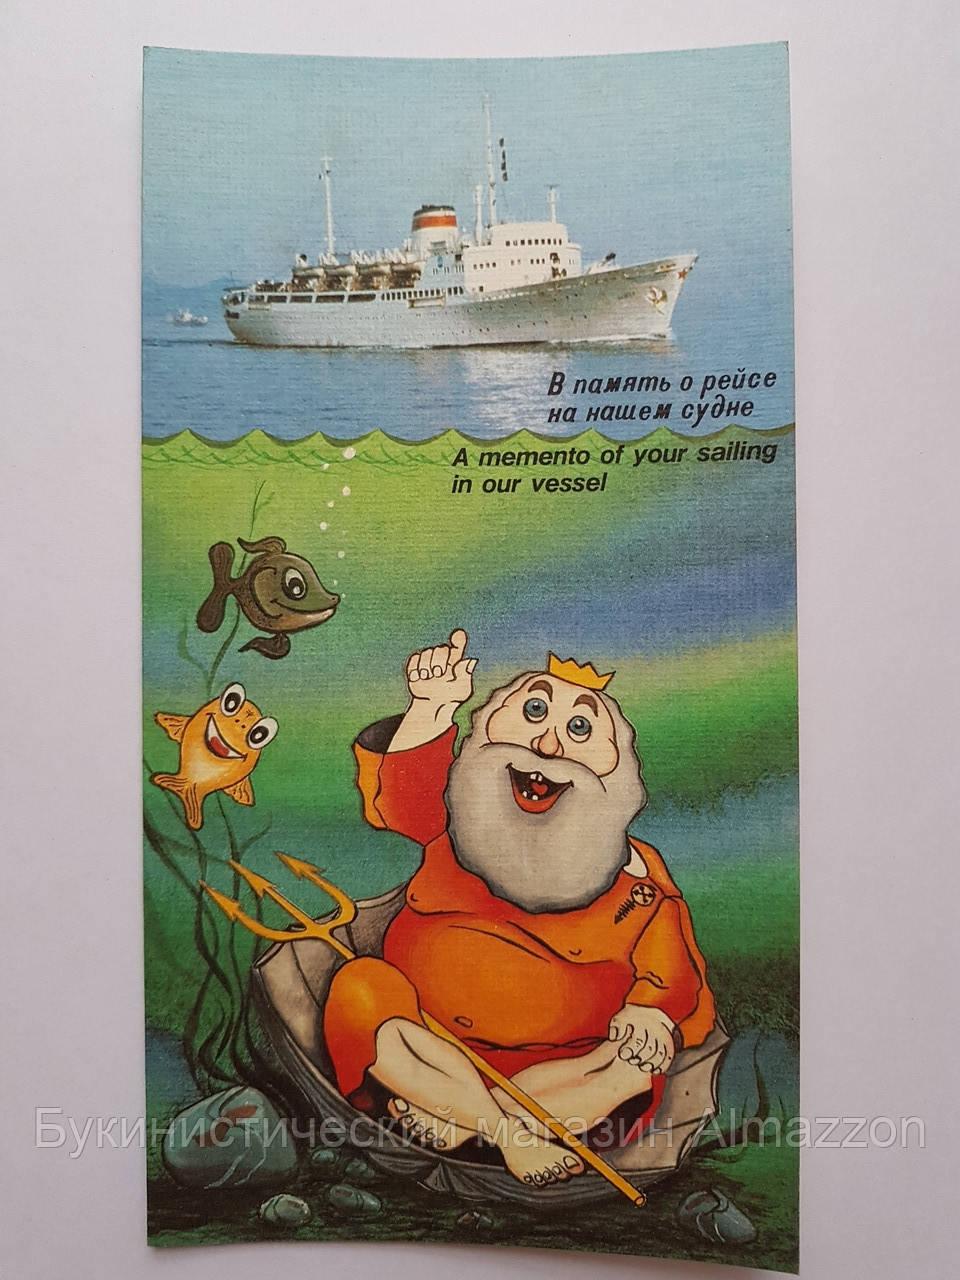 Реклама В память о рейсе на нашем судне, фото 1